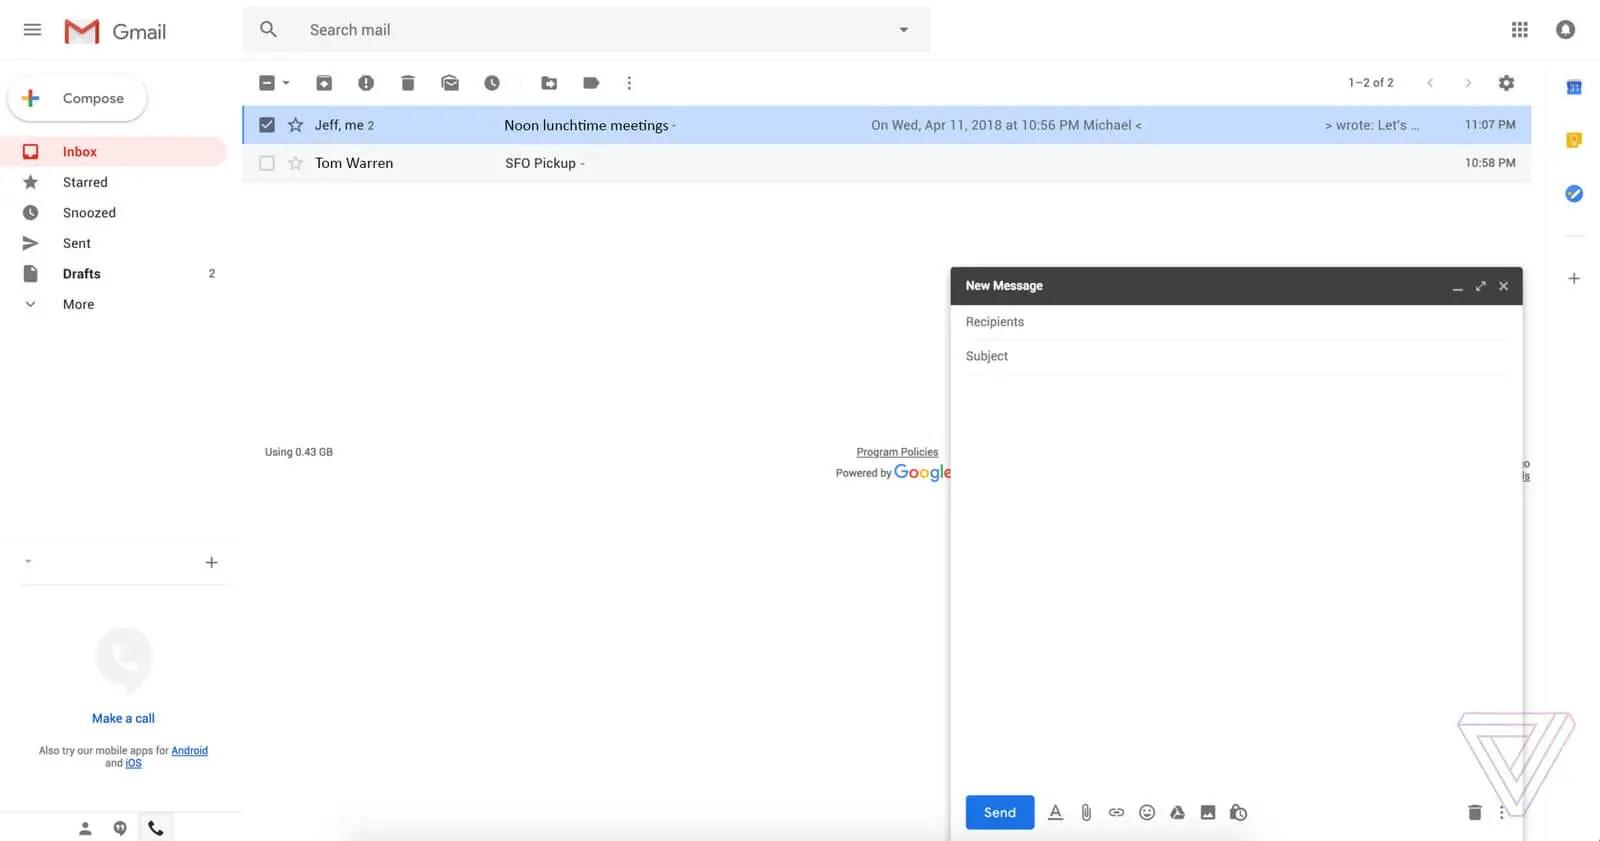 wersm-gmail-new-design-4